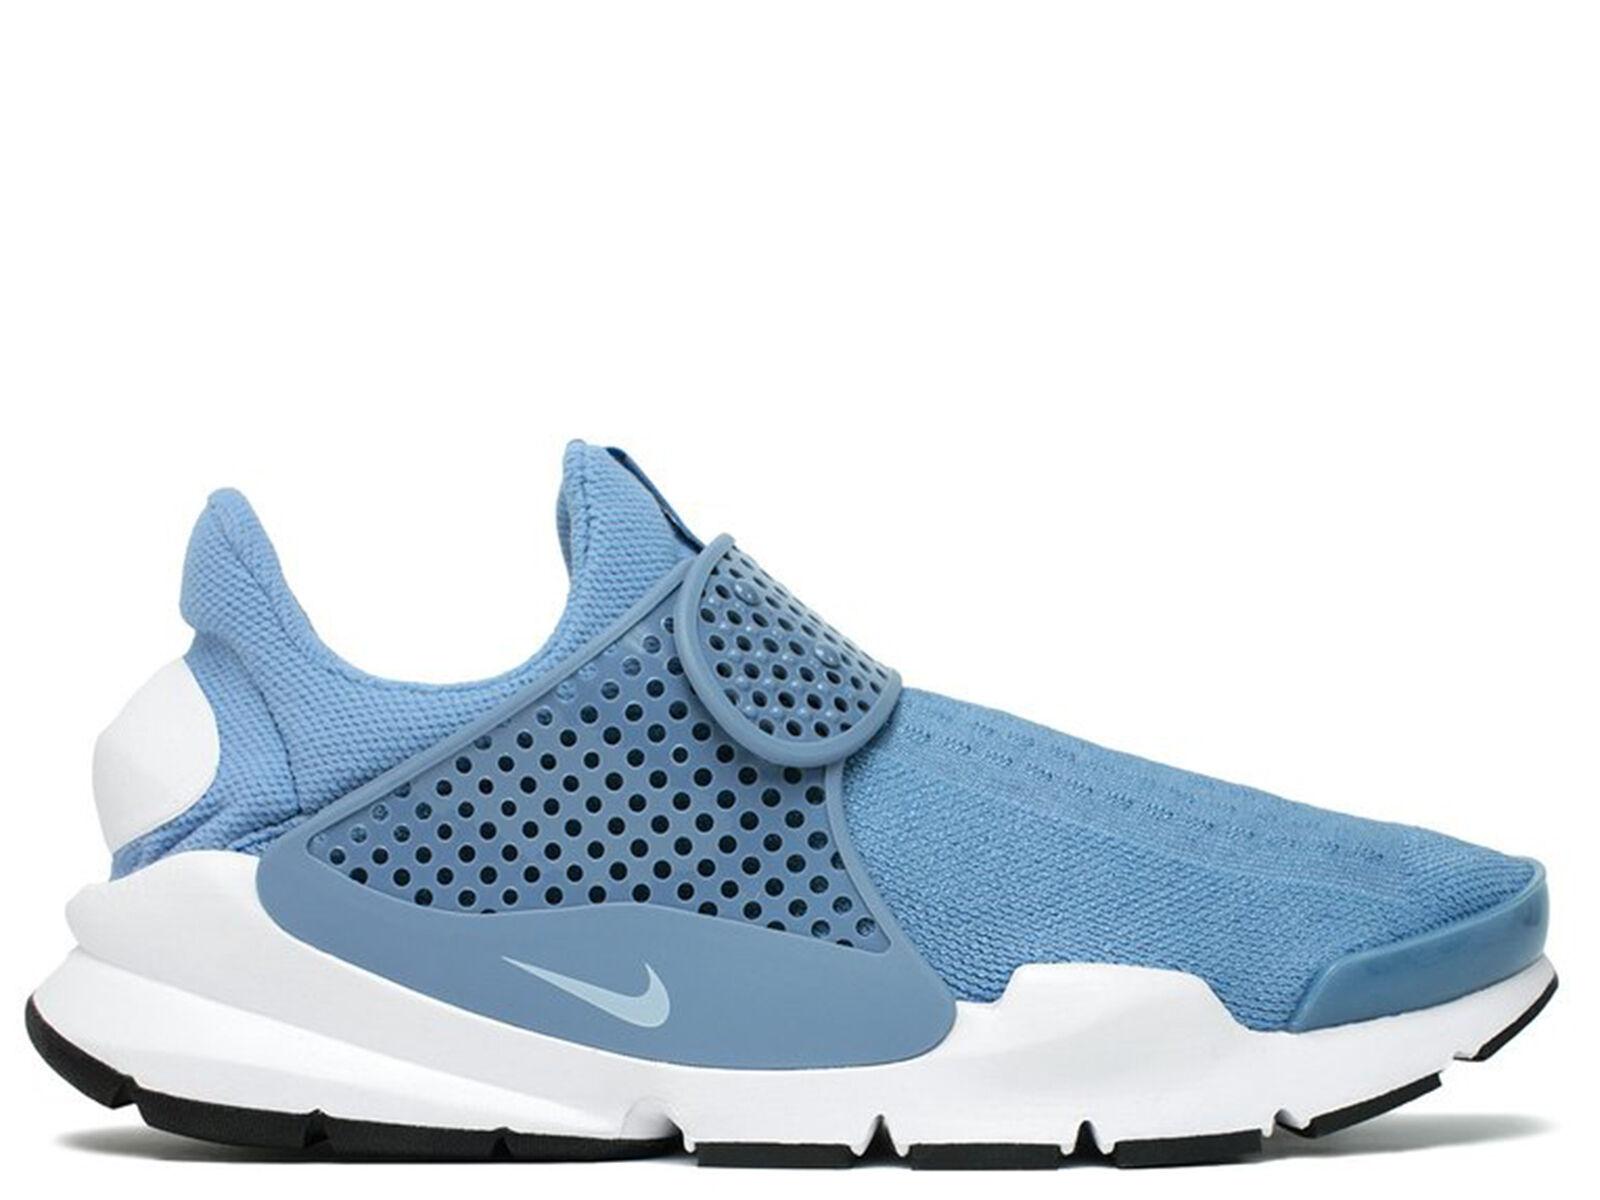 Brand New Nike Sock Dart KJCRD Men's Athletic Fashion Sneakers 403] [819686 403] Sneakers ddfd34